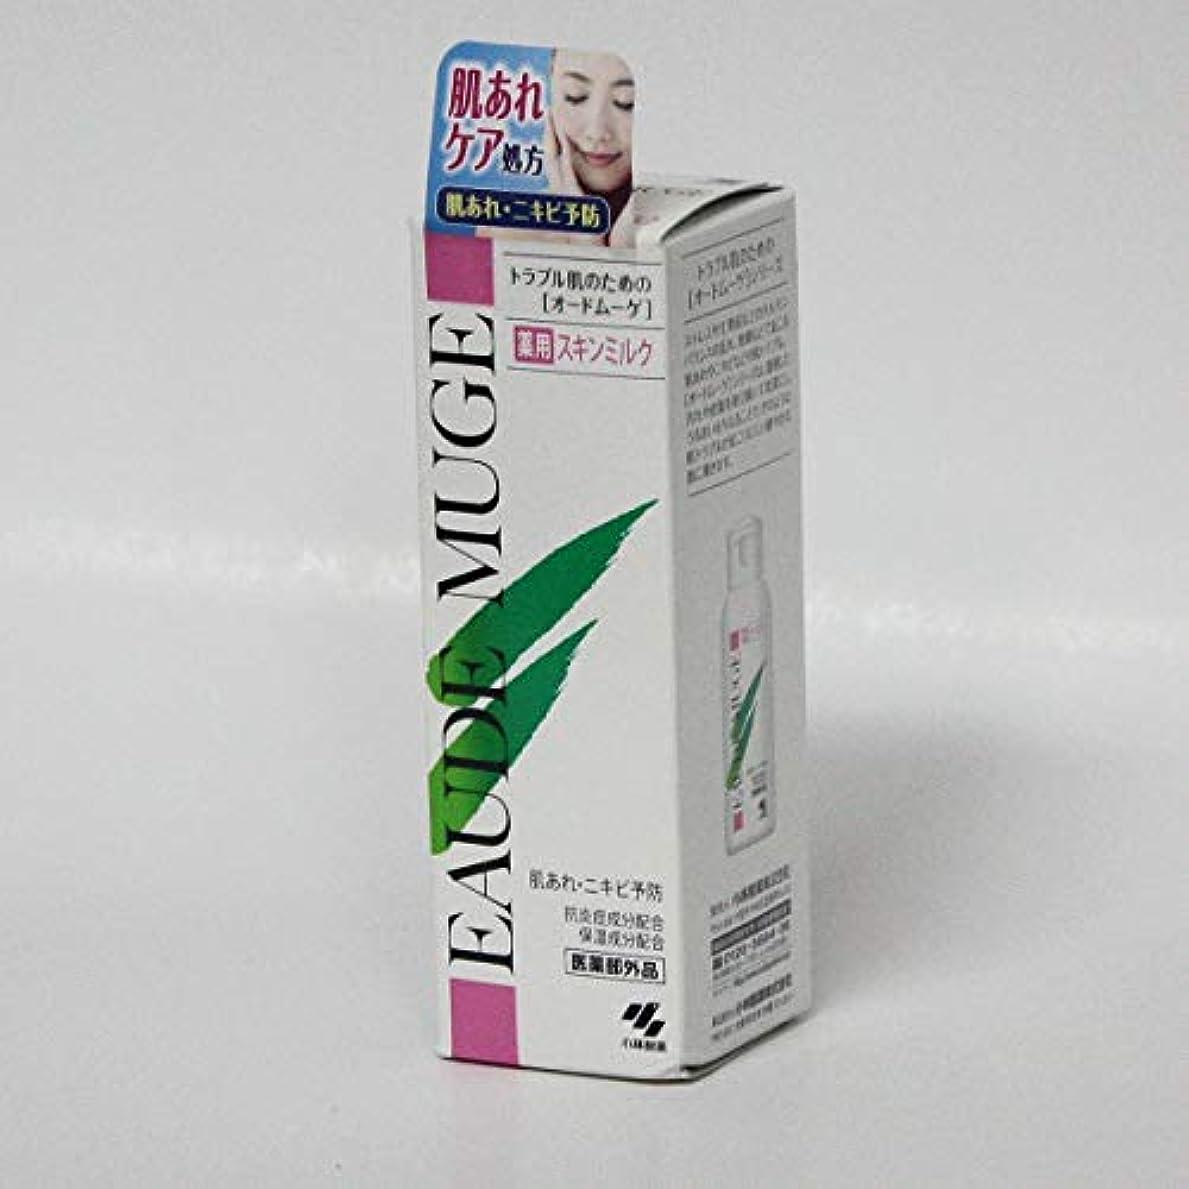 やりすぎわざわざセラフ【小林製薬】オードムーゲ薬用スキンミルク 100g